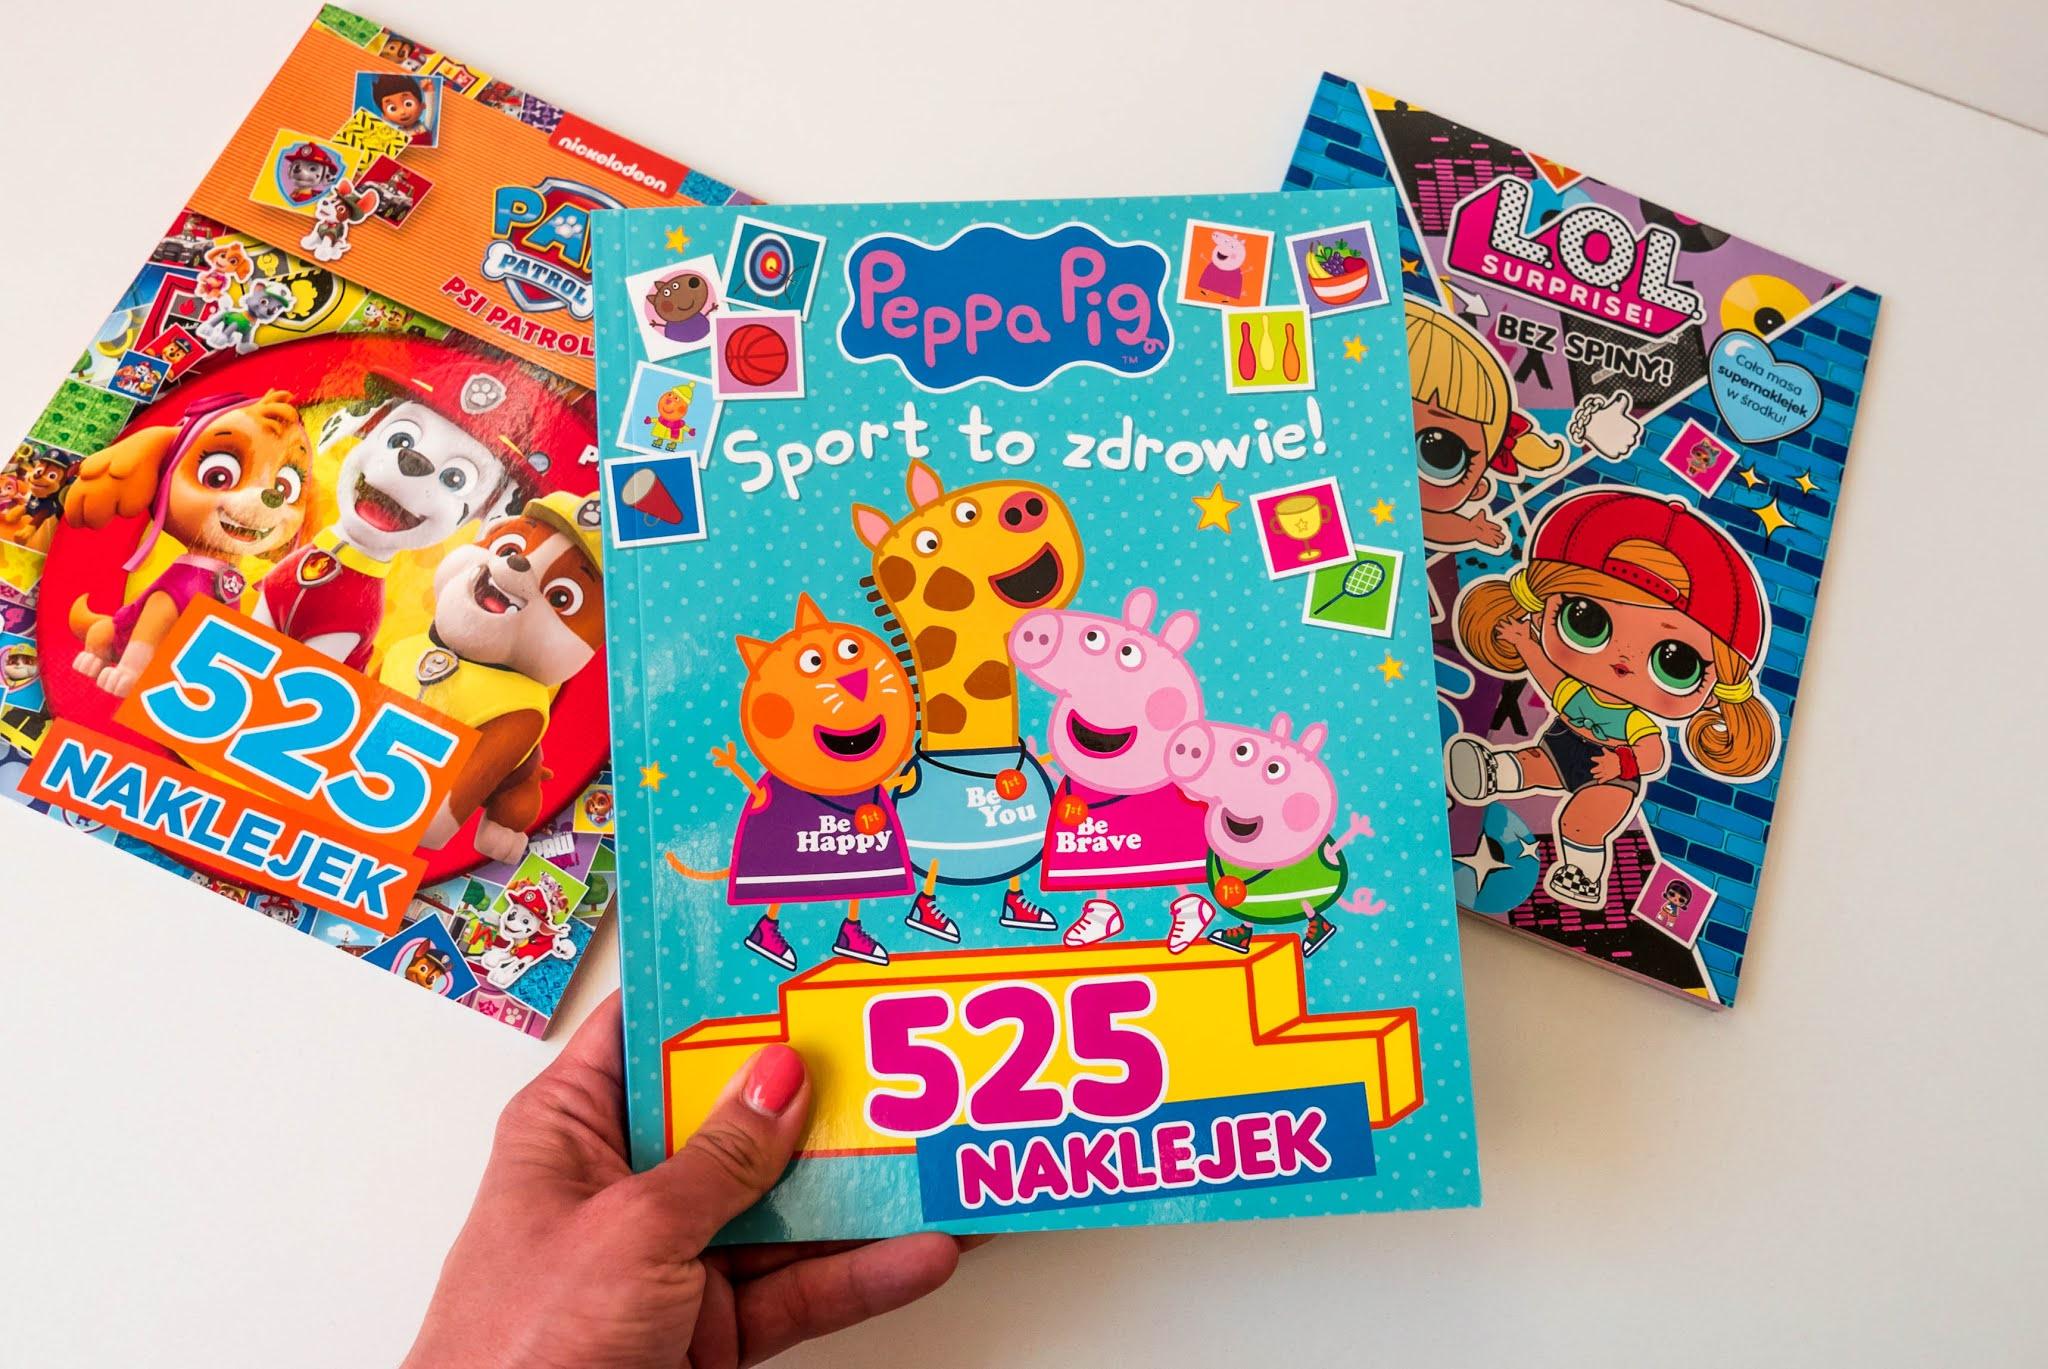 Peppa Pig Toys, Peppa pig figures